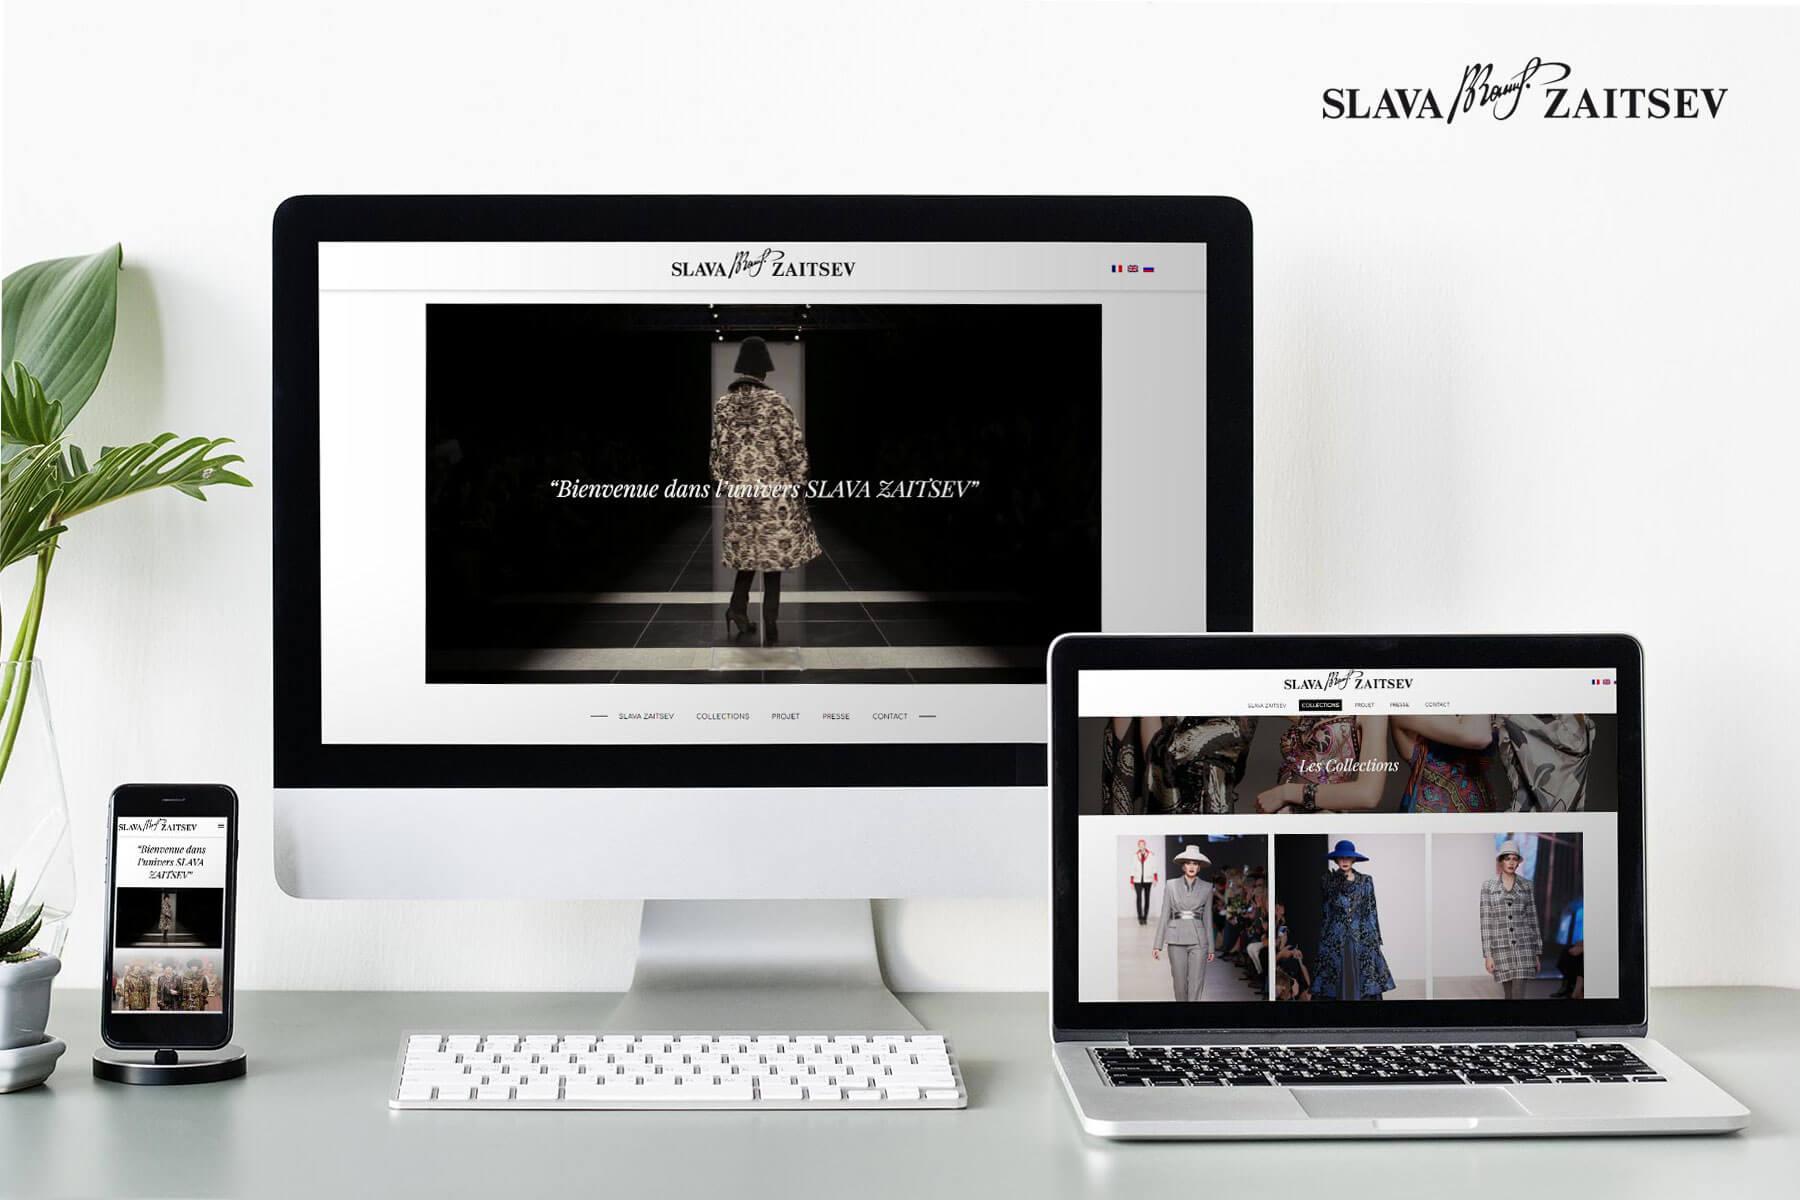 réalisation du site web de slava zaitseiv